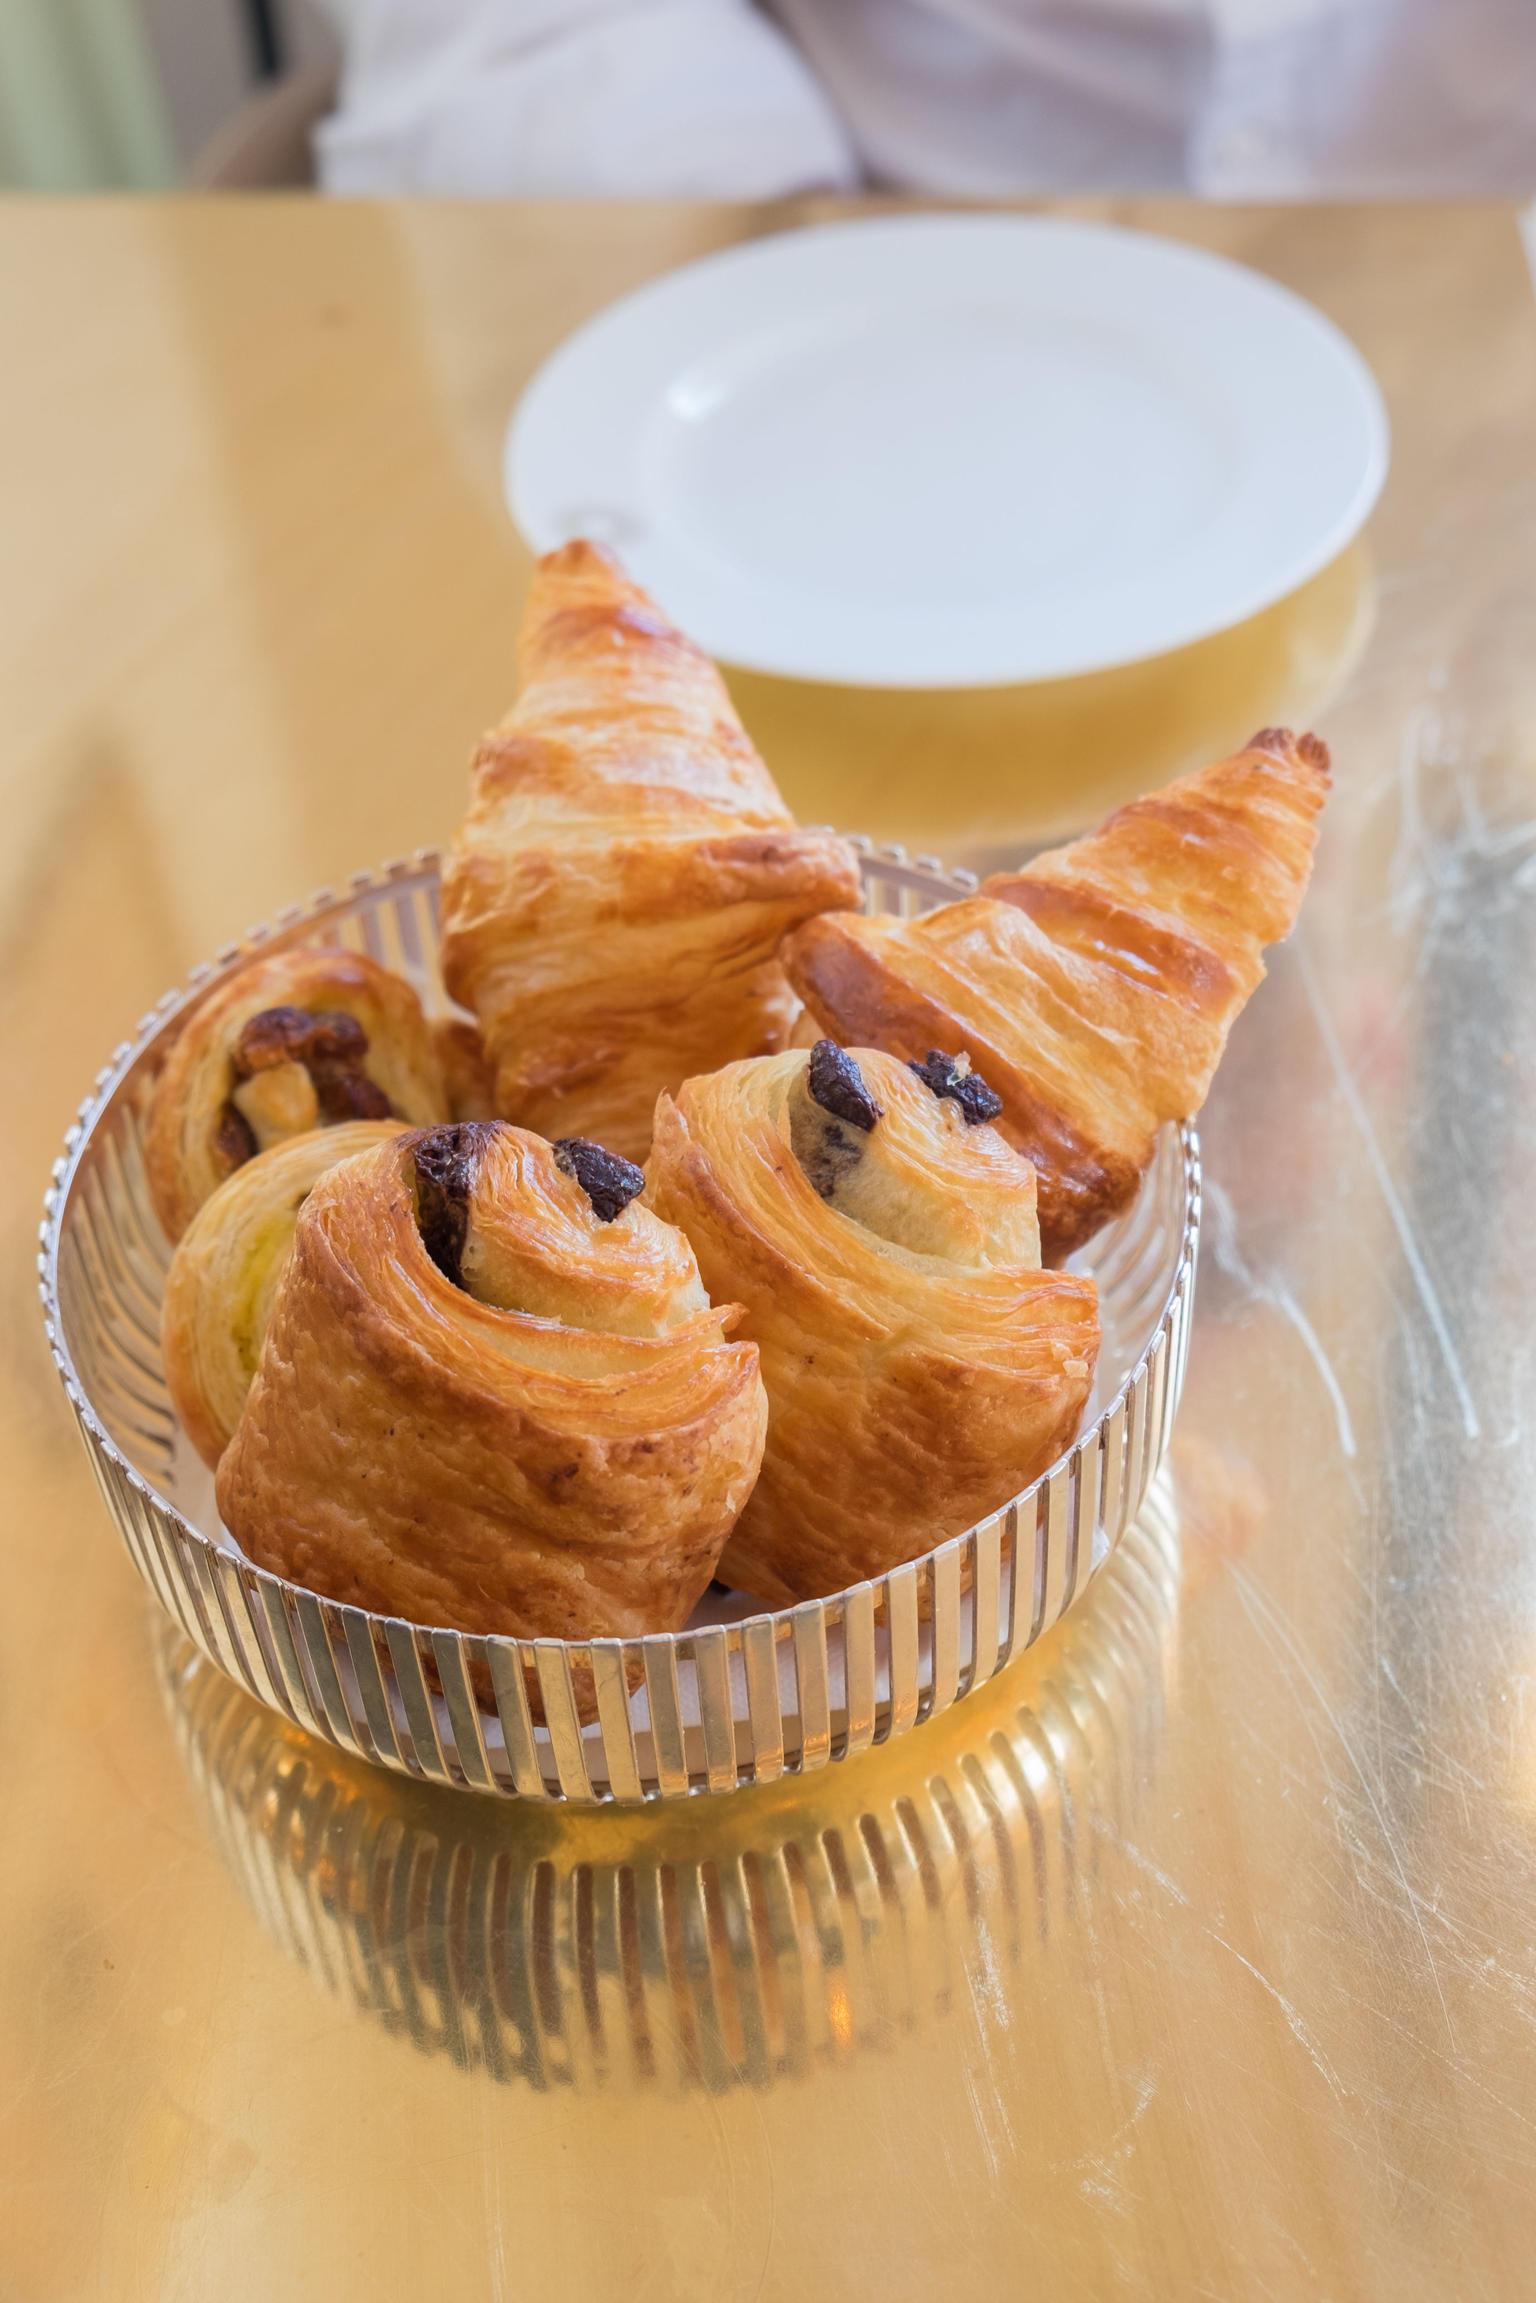 MÁS FOTOS, Evite las colas: entrada al Palacio de Versalles y desayuno en el restaurante Ore